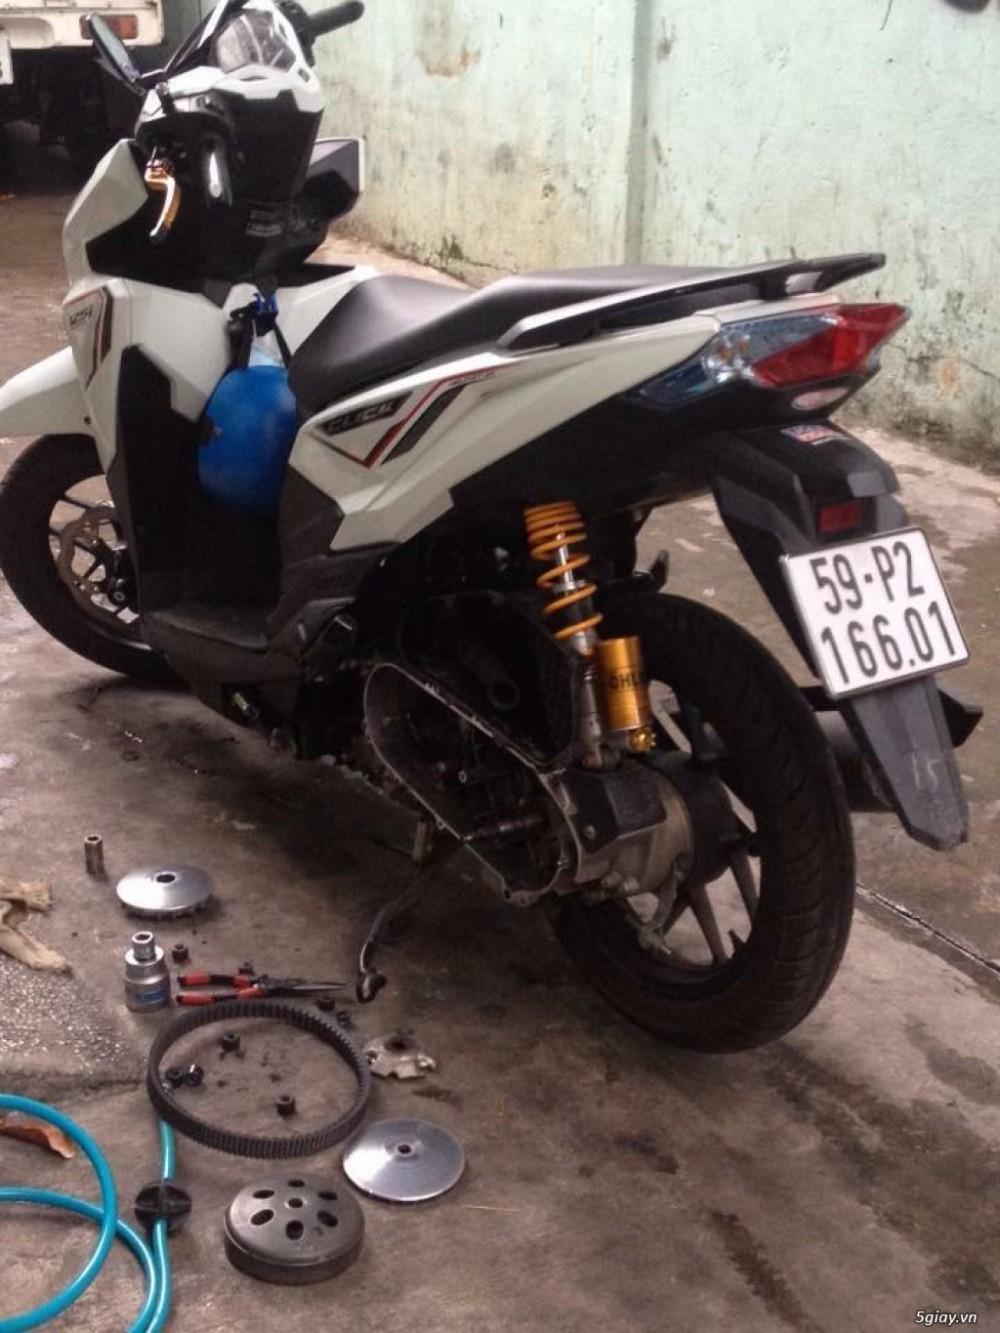 Chuyen Do Noi Xe Tay Ga Full Noi Noi Zin Bao Duong Ve Sinh Noi Cho Yamaha Honda Piago - 15